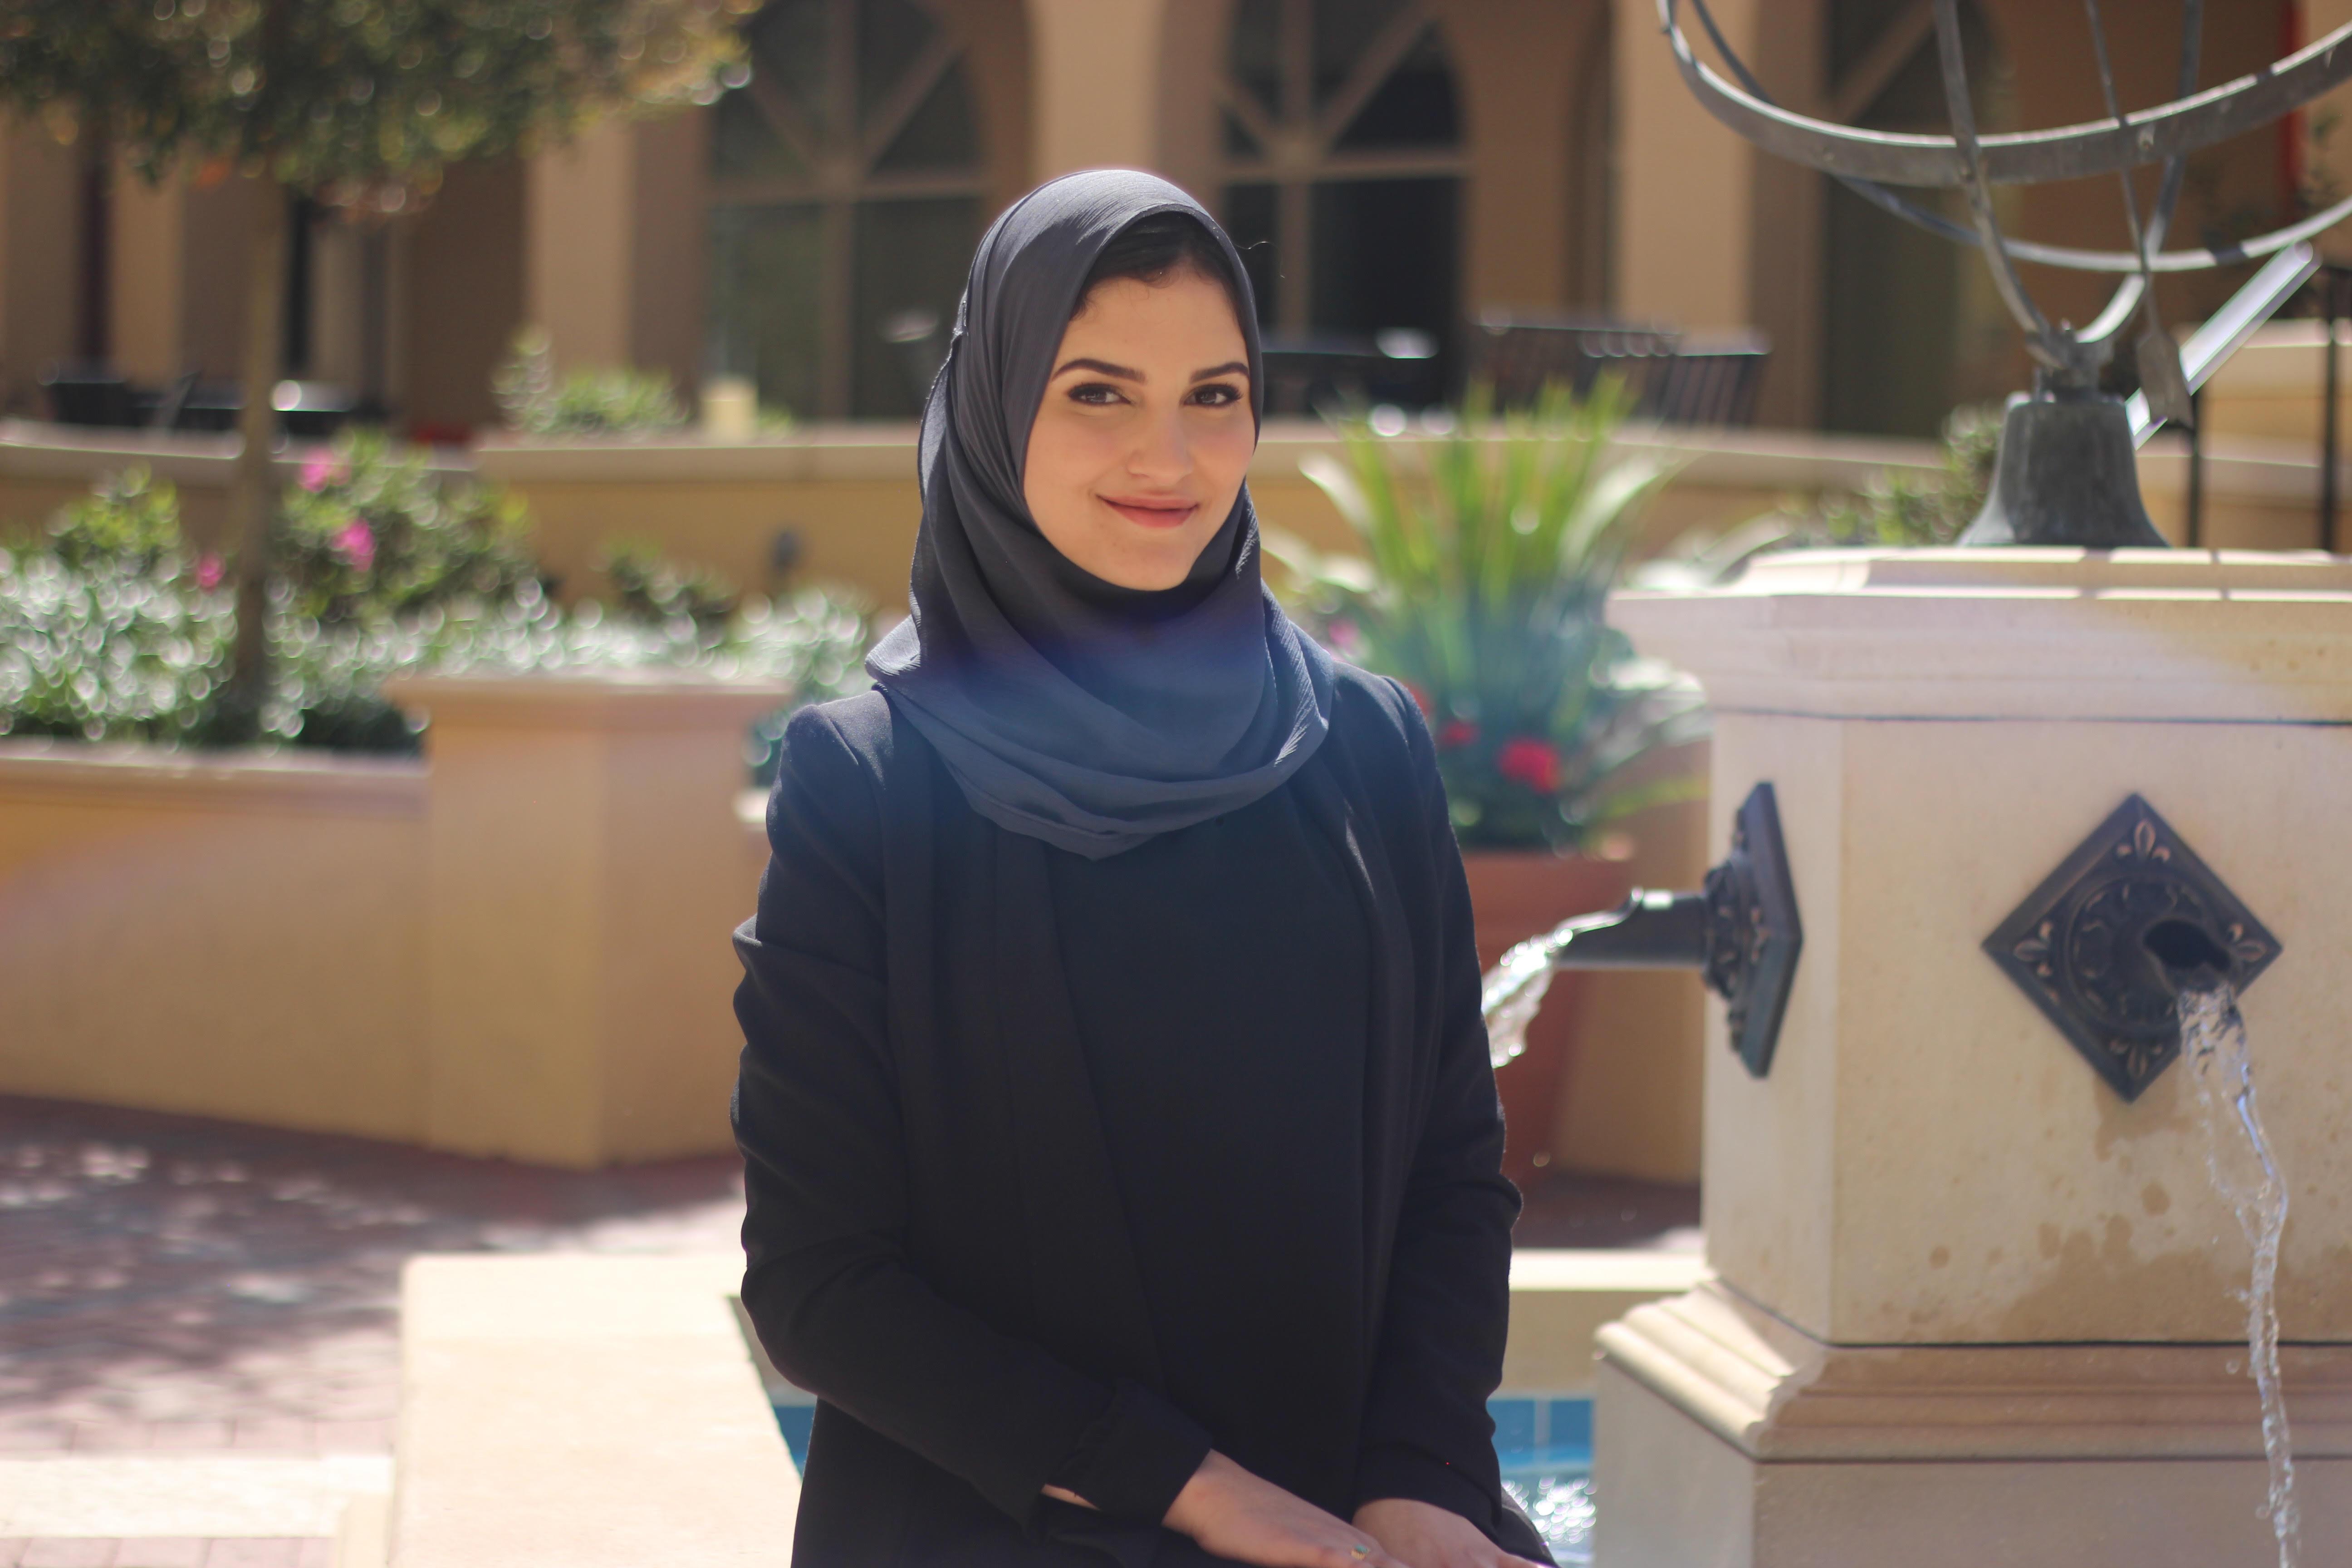 Nourhan Mesbah